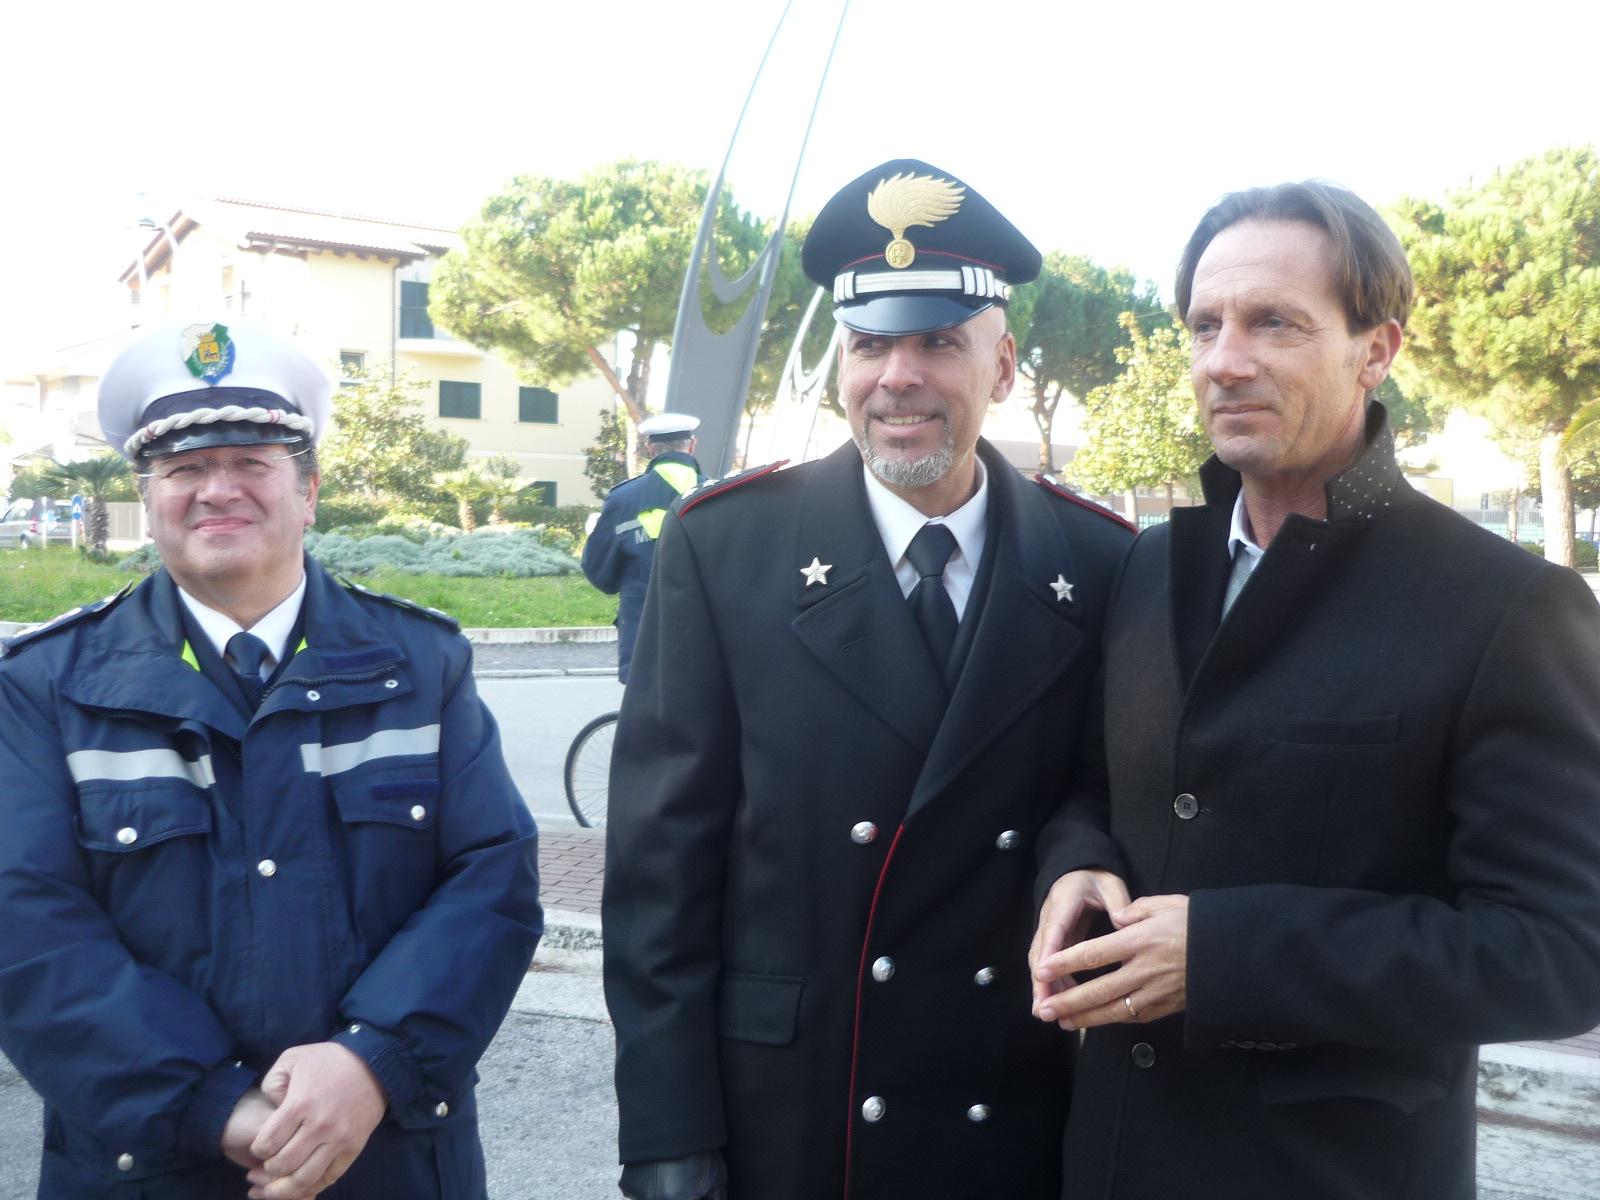 Sicurezza pubblica: Dal 1 giugno operativi i cinque agenti stagionali di Polizia municipale